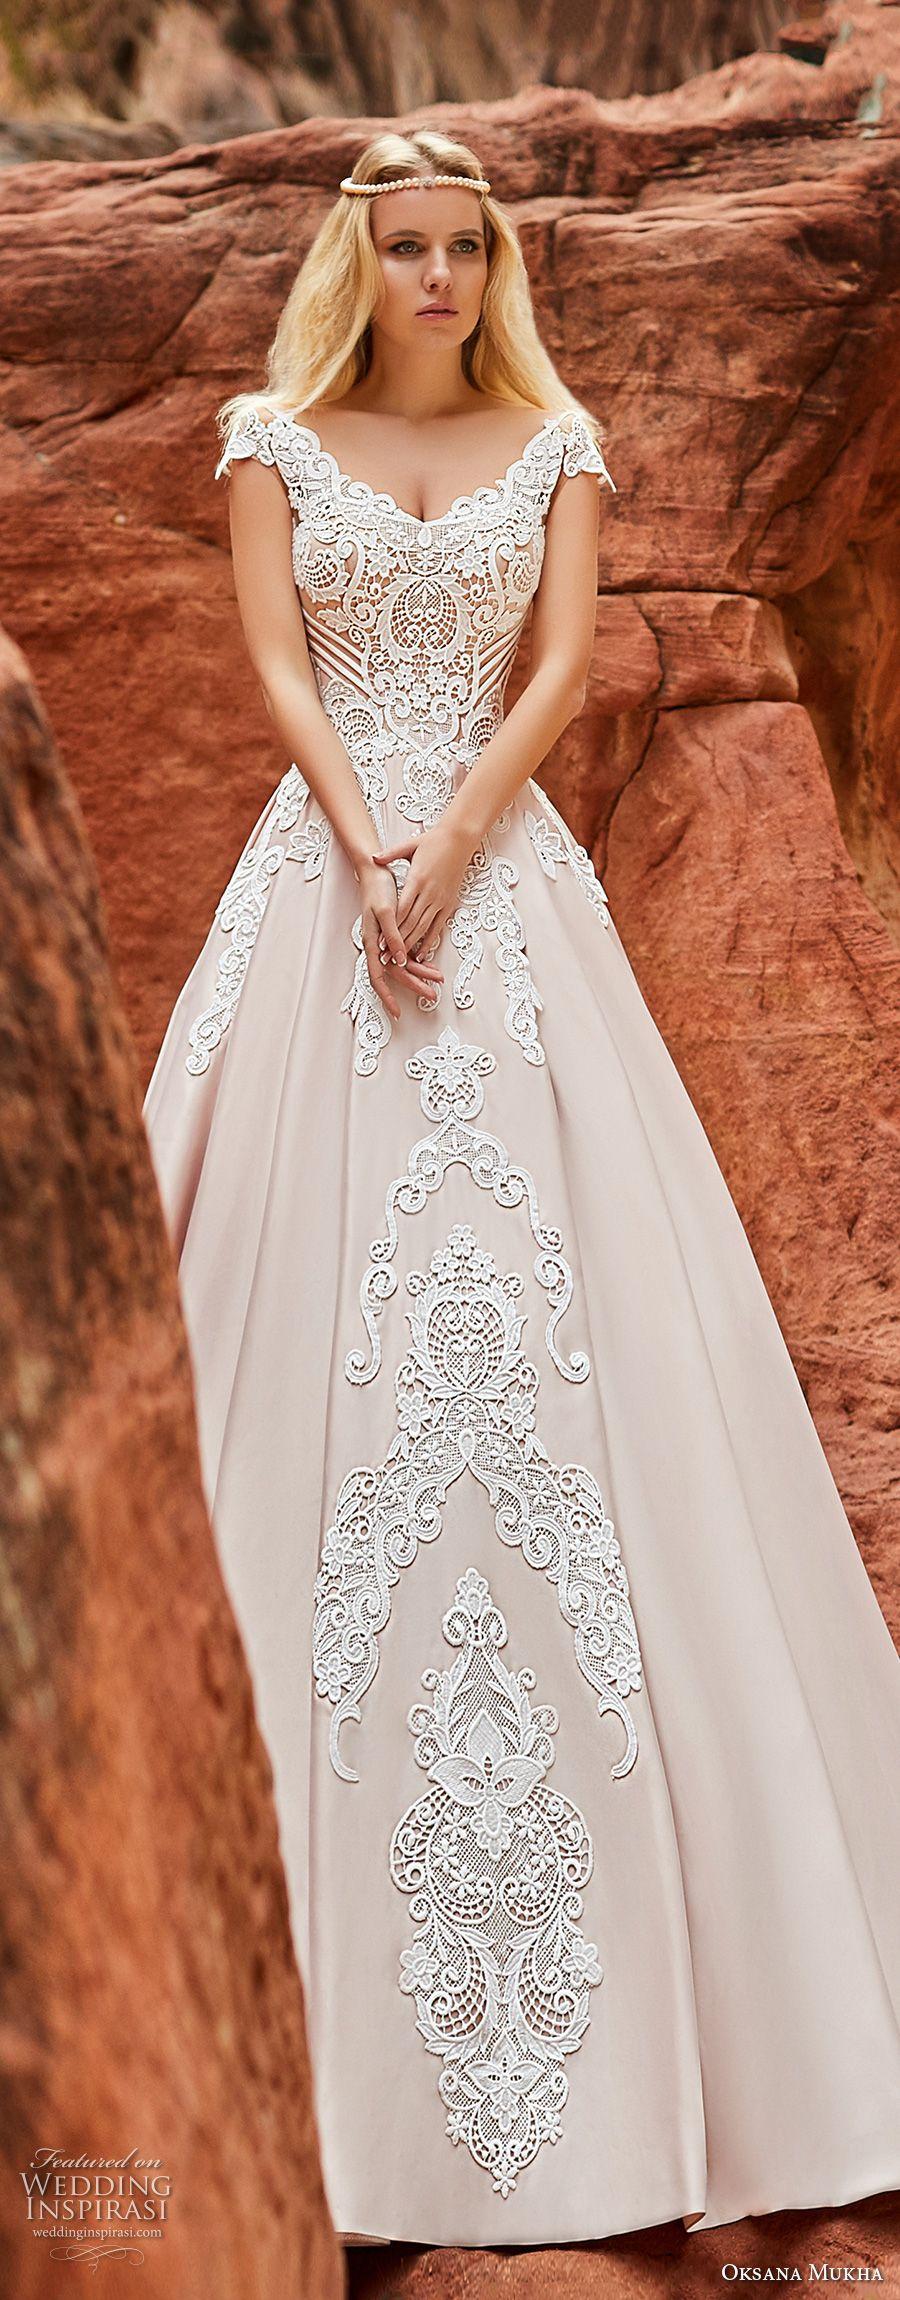 Oksana mukha wedding dresses chapel train bodice and corset